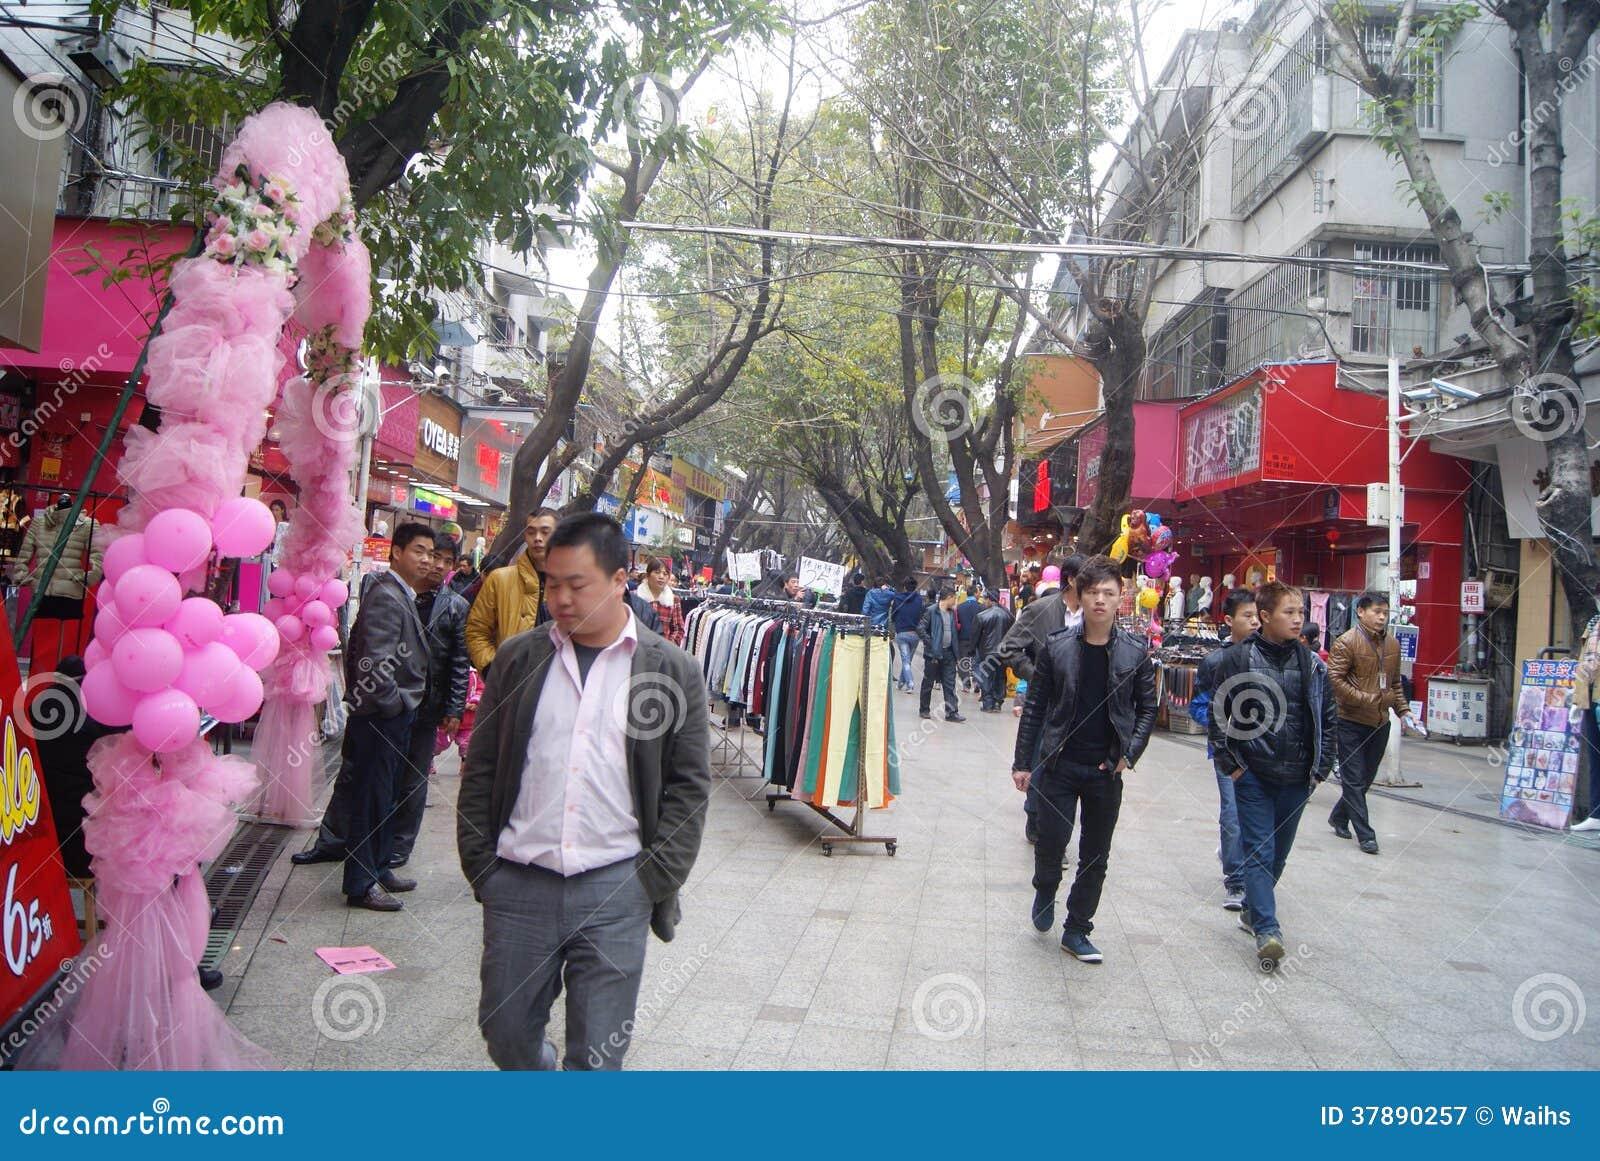 深圳xixiang商业步行街道